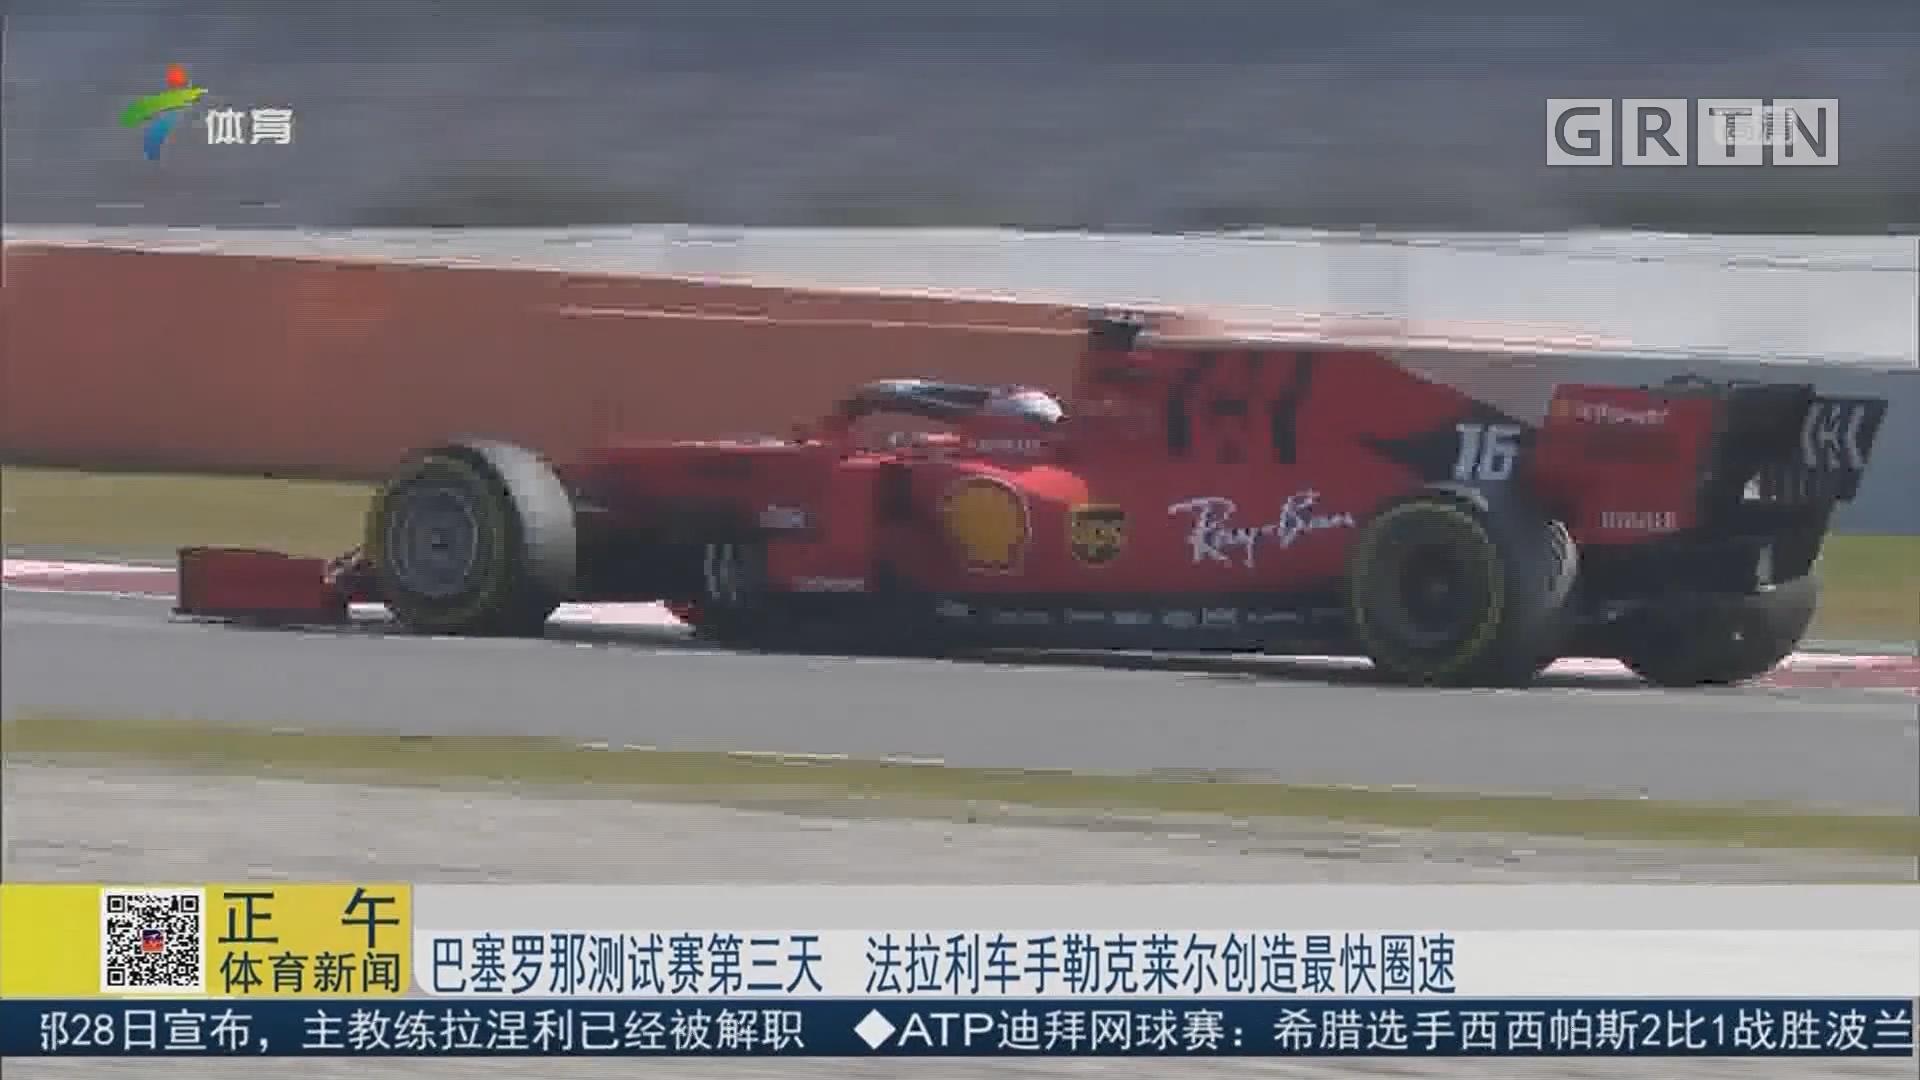 巴塞罗那测试赛第三天 法拉利车手勒克莱尔创造最快圈速